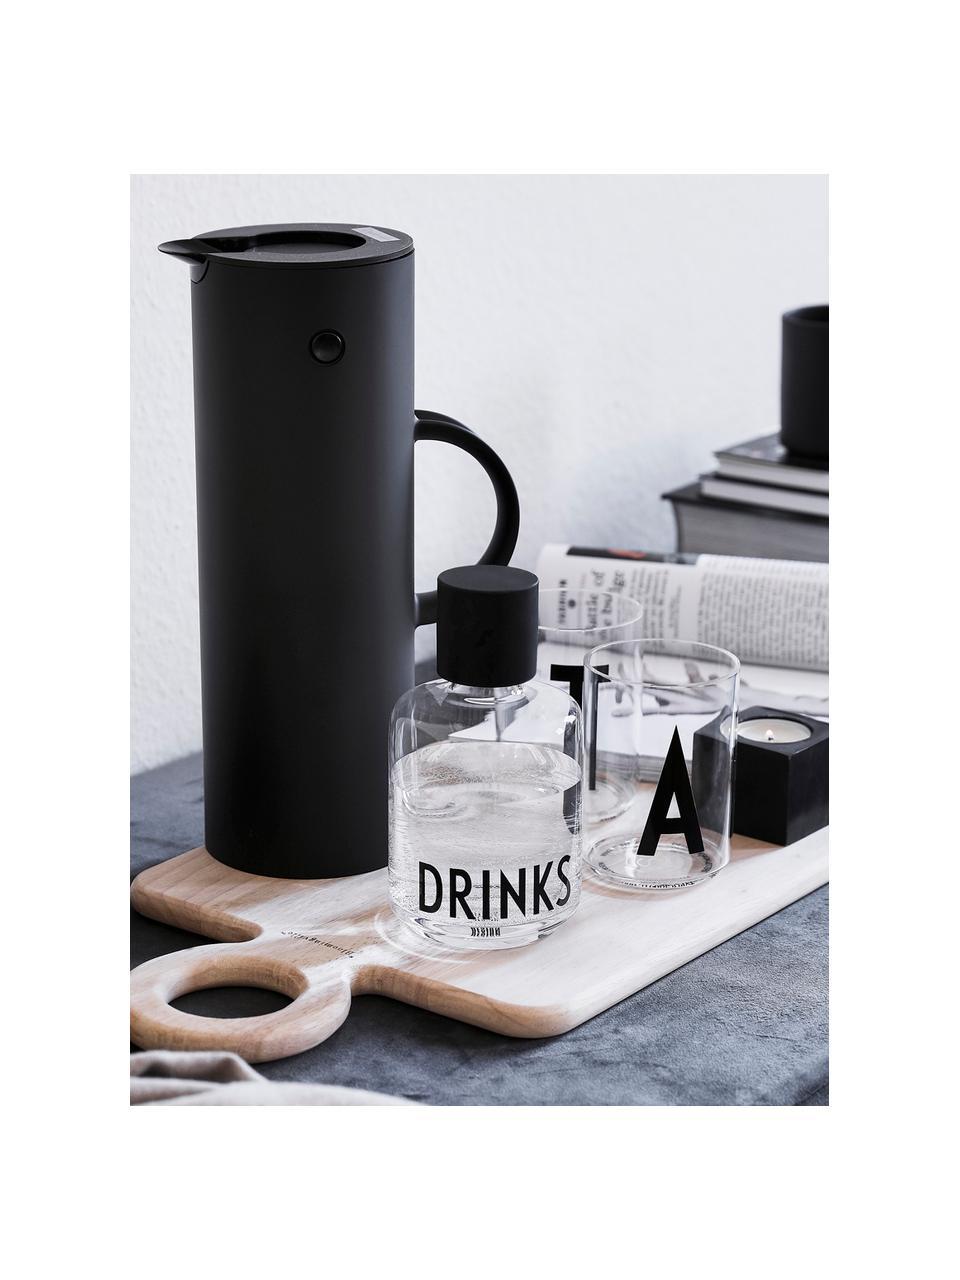 Designová skleněná karafa s nápisem Drinks, 500 ml, Transparentní, černá